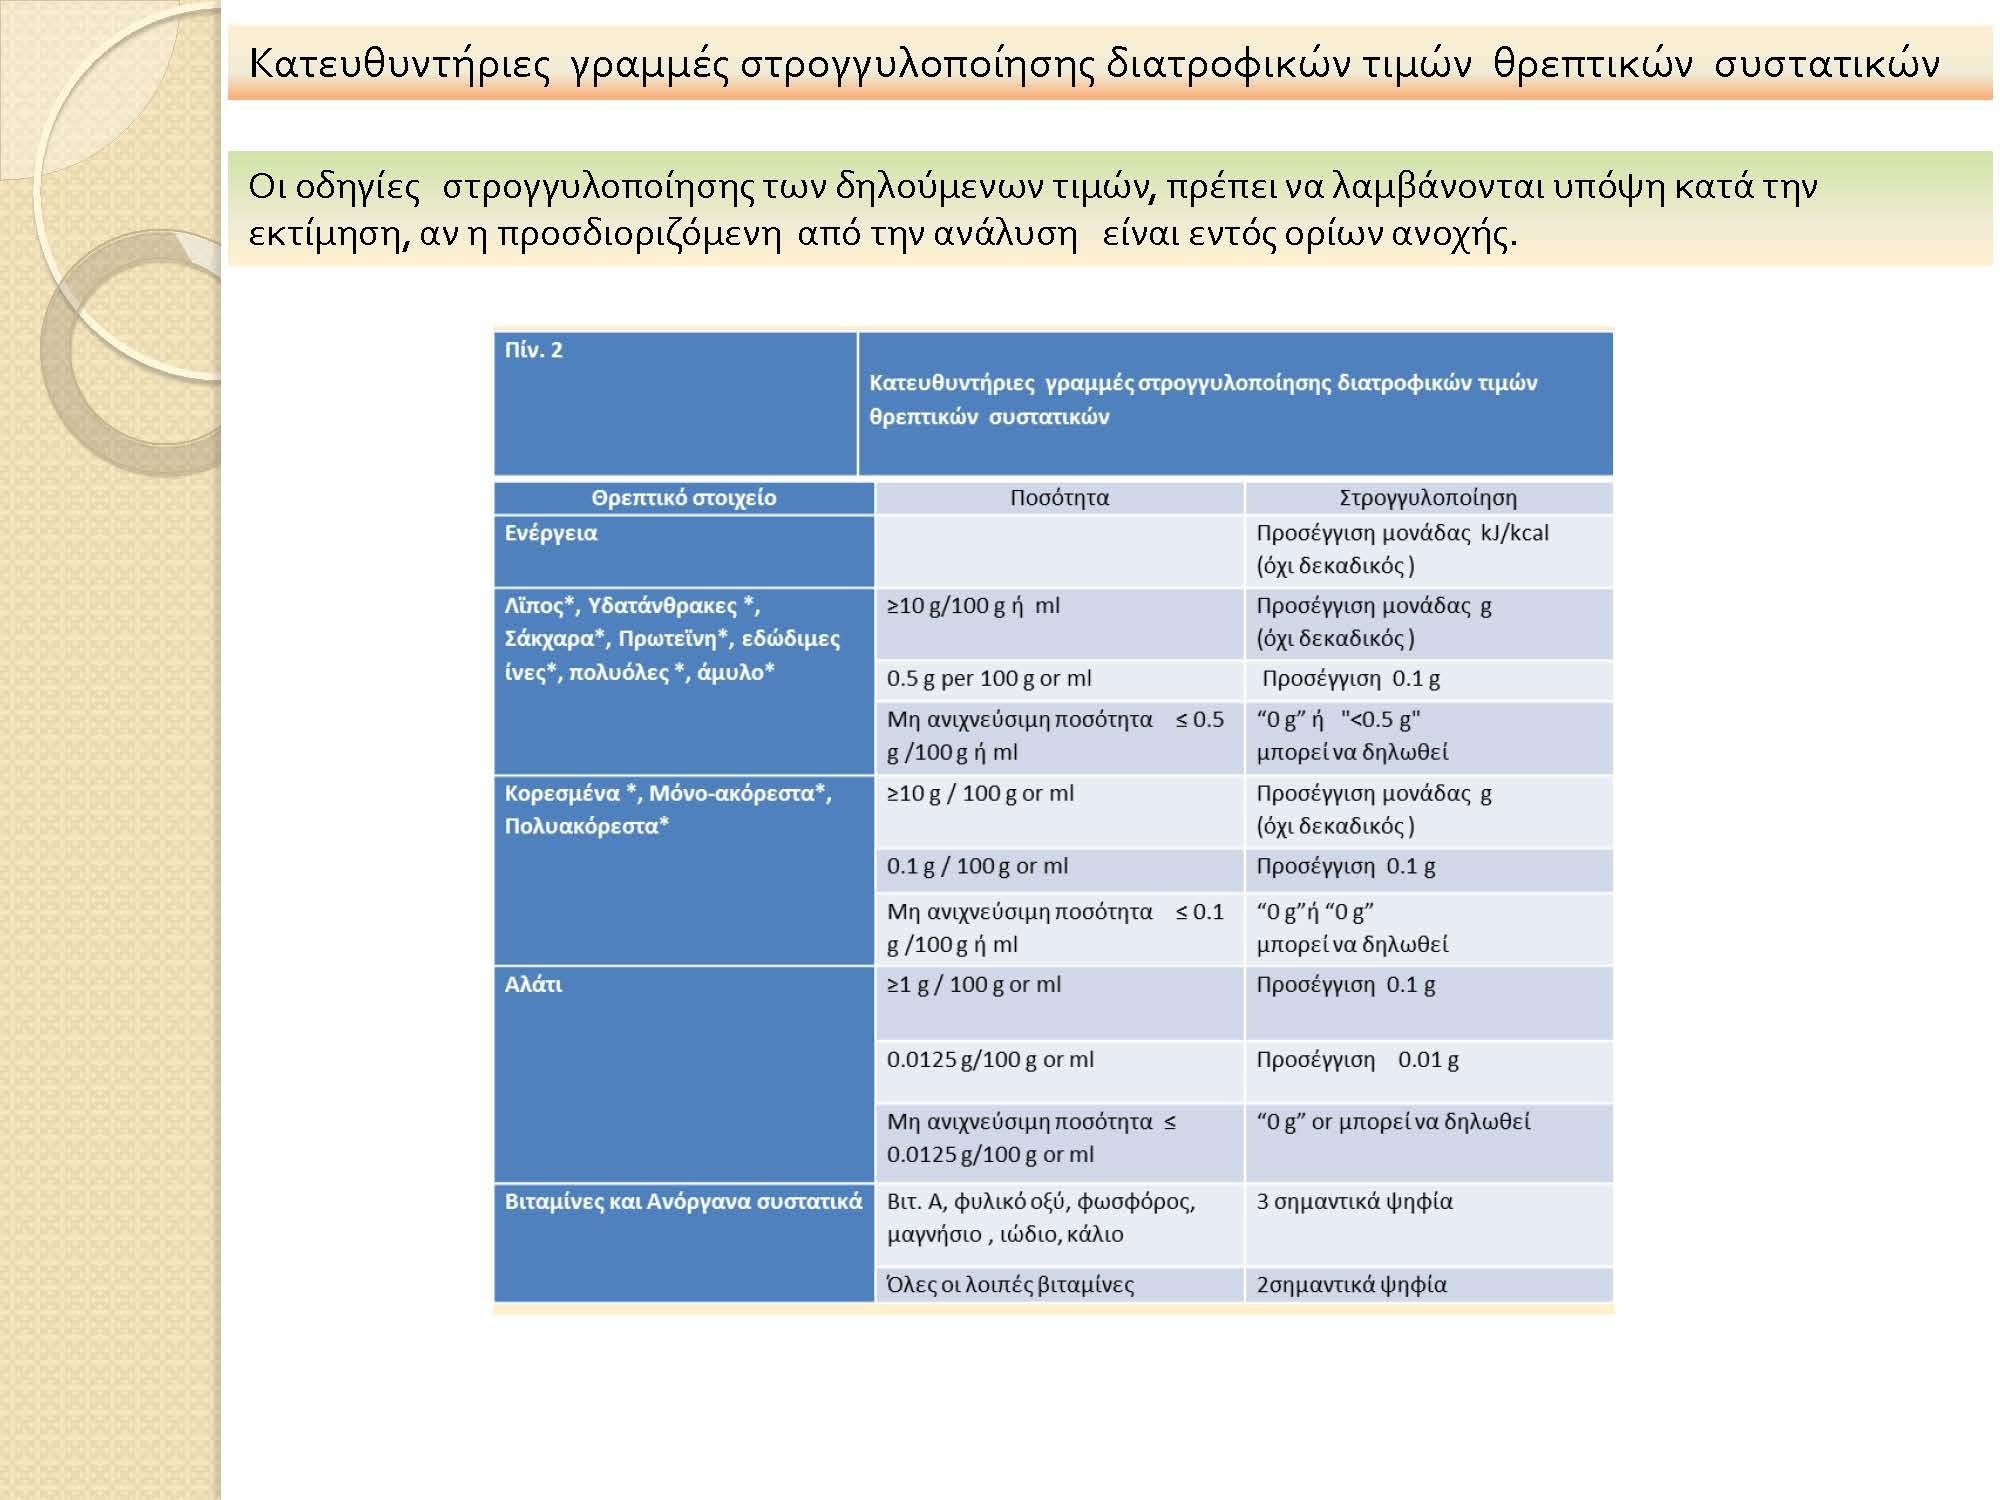 Διατροφική επισήμανση  στα προσυσκευασμένα τρόφιμα_Page_11